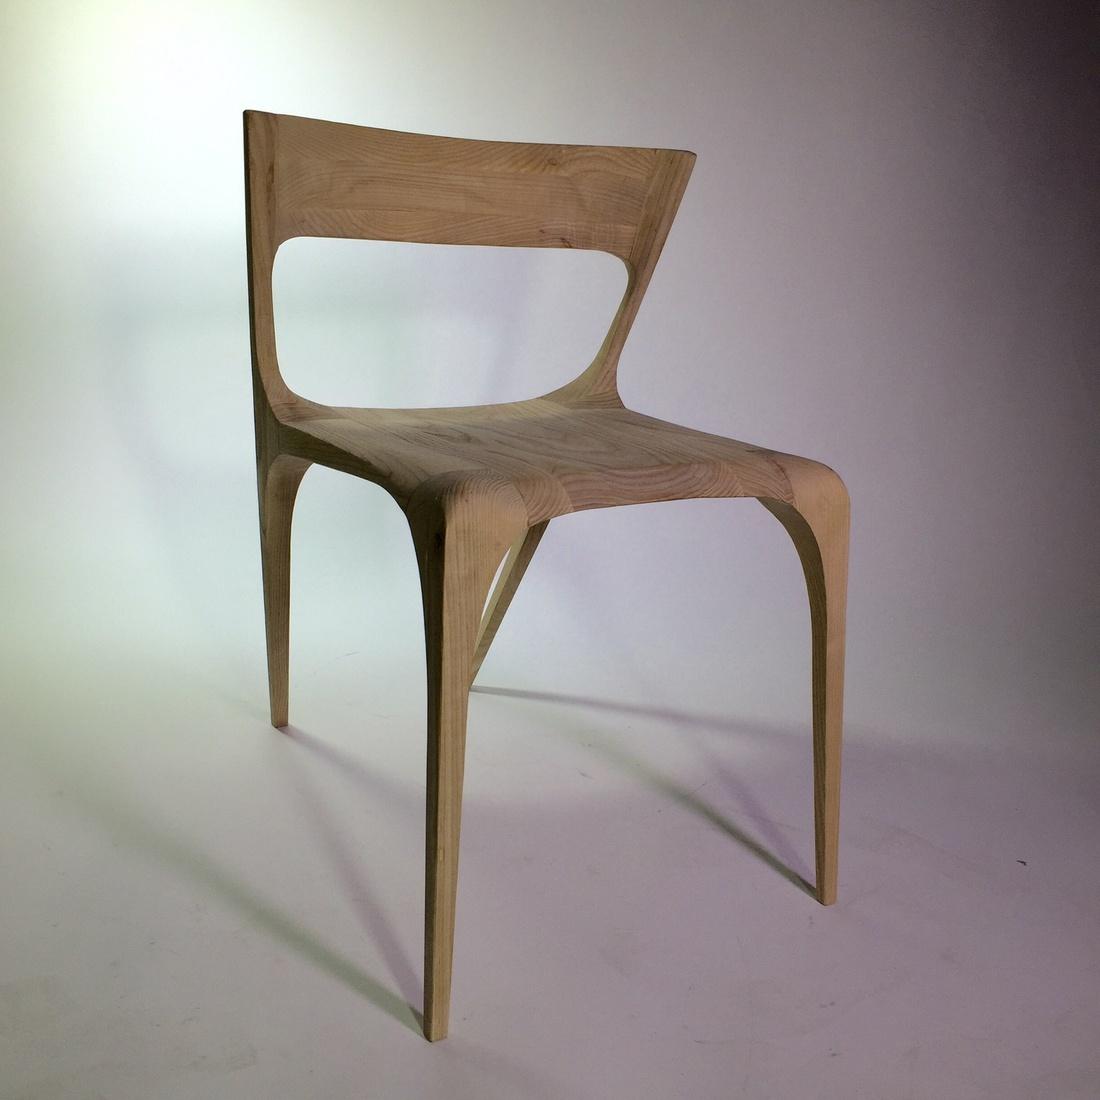 Chair by Hugo Fenaux